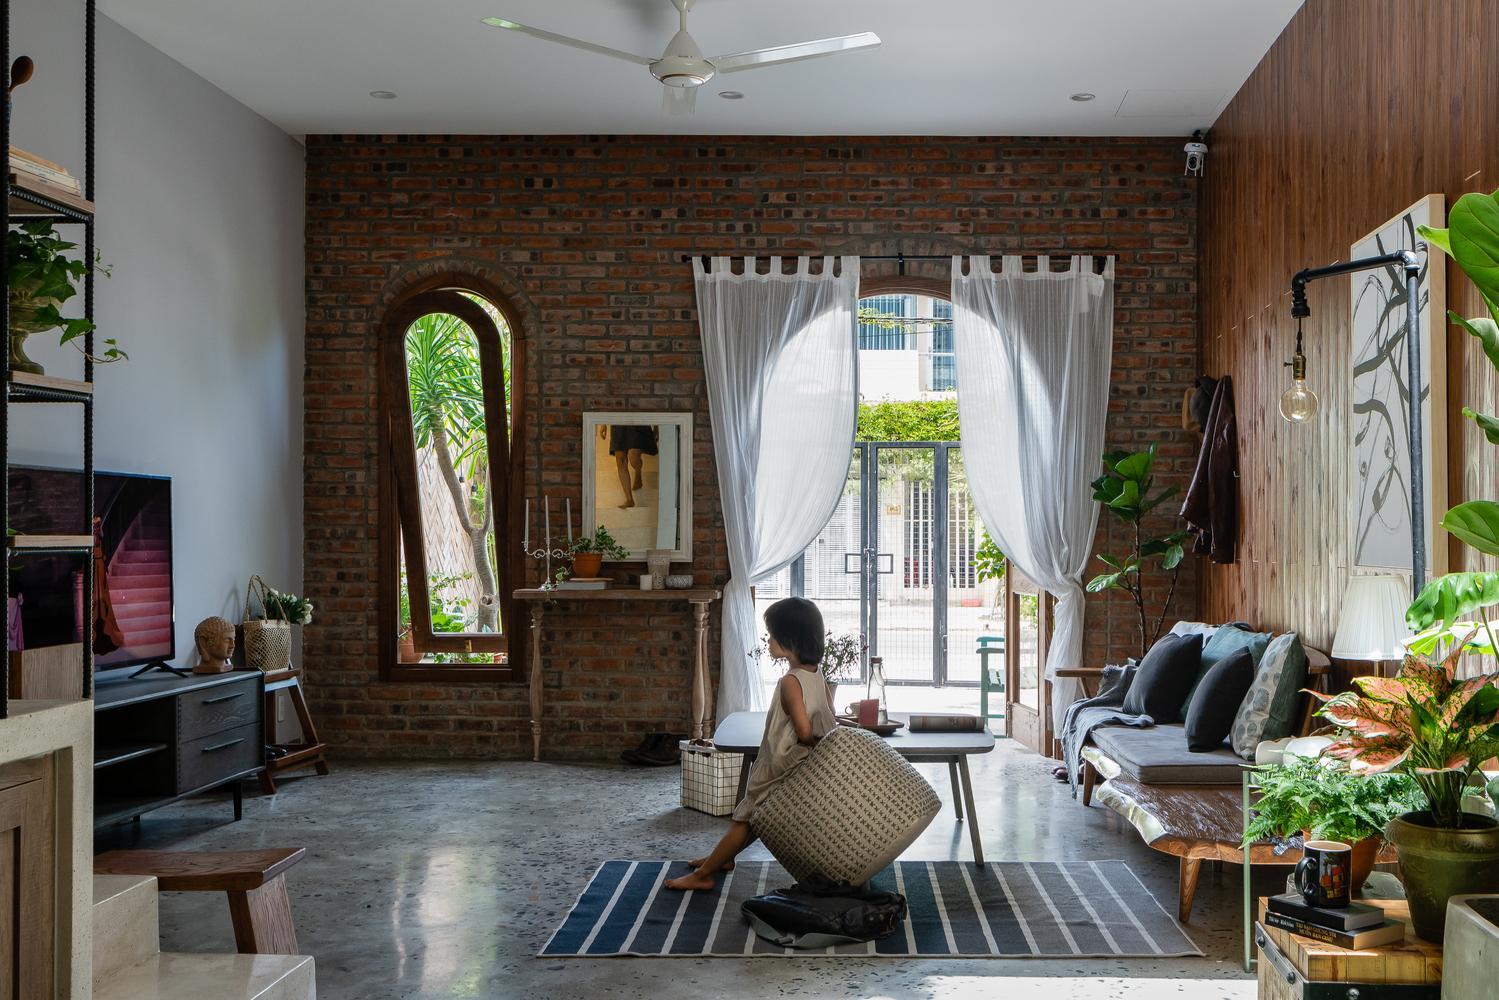 kham pha ngoi nha dac biet tai da nang thu hut moi anh nhin 5 - Khám phá ngôi nhà đặc biệt tại Đà Nẵng thu hút mọi ánh nhìn